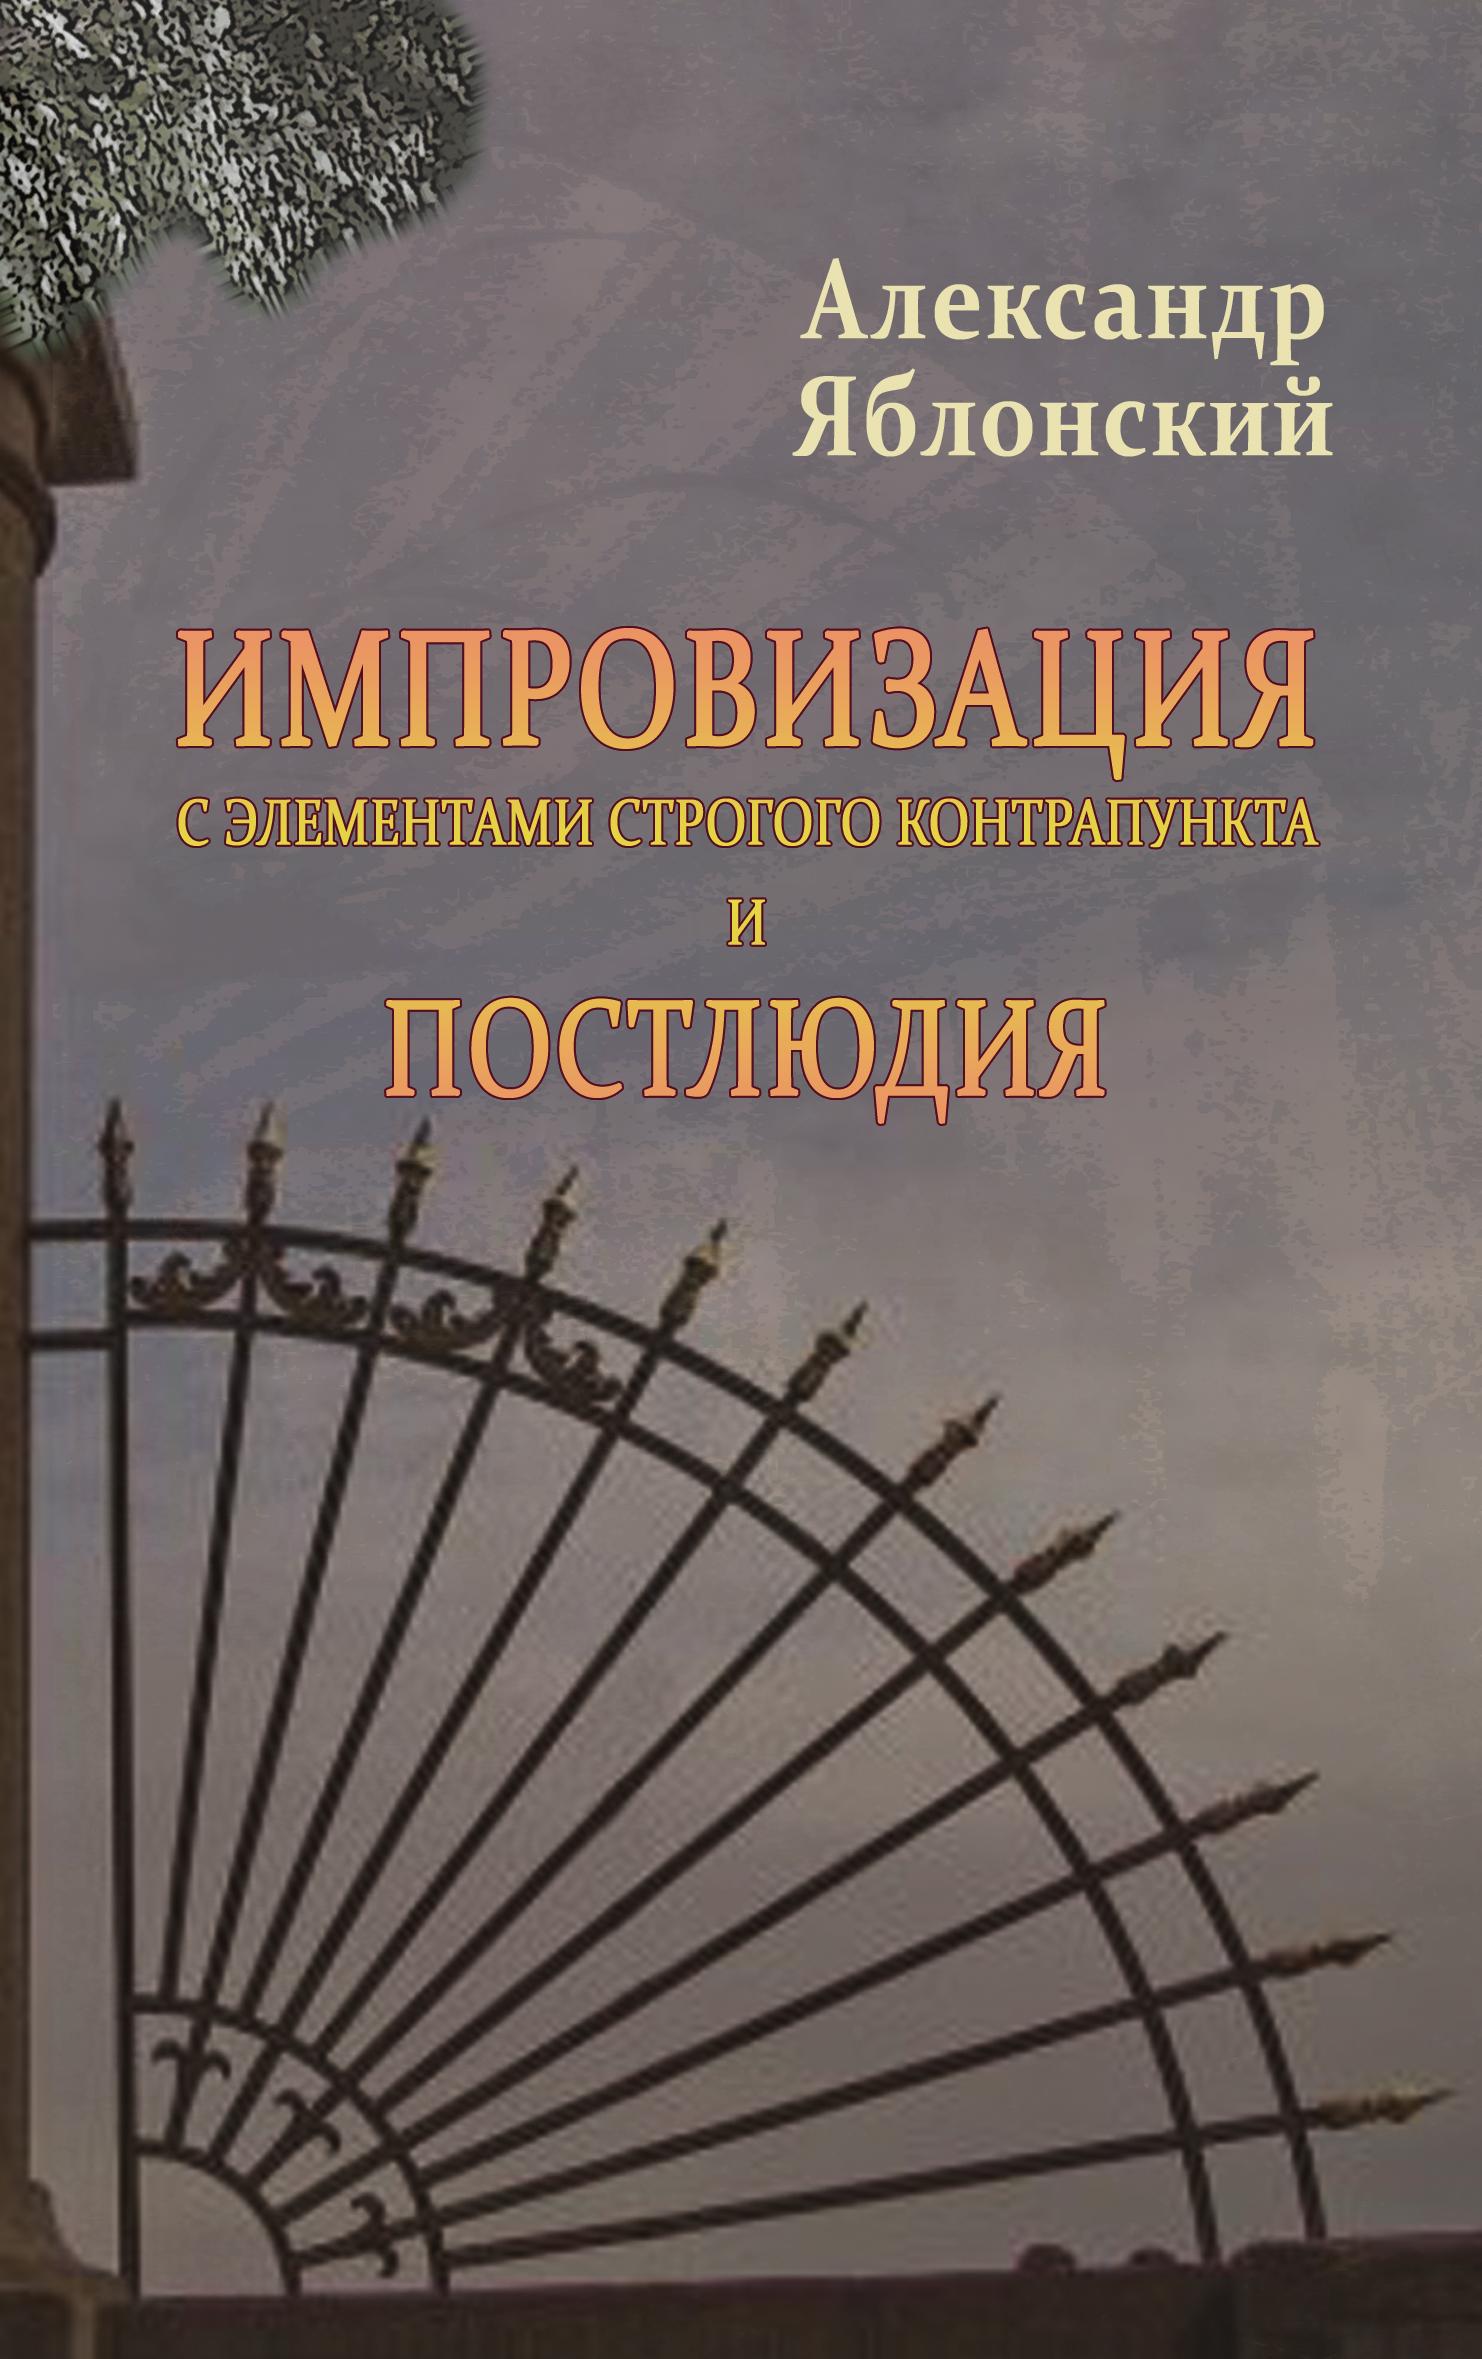 Александр Яблонский Импровизация с элементами строгого контрапункта и Постлюдия